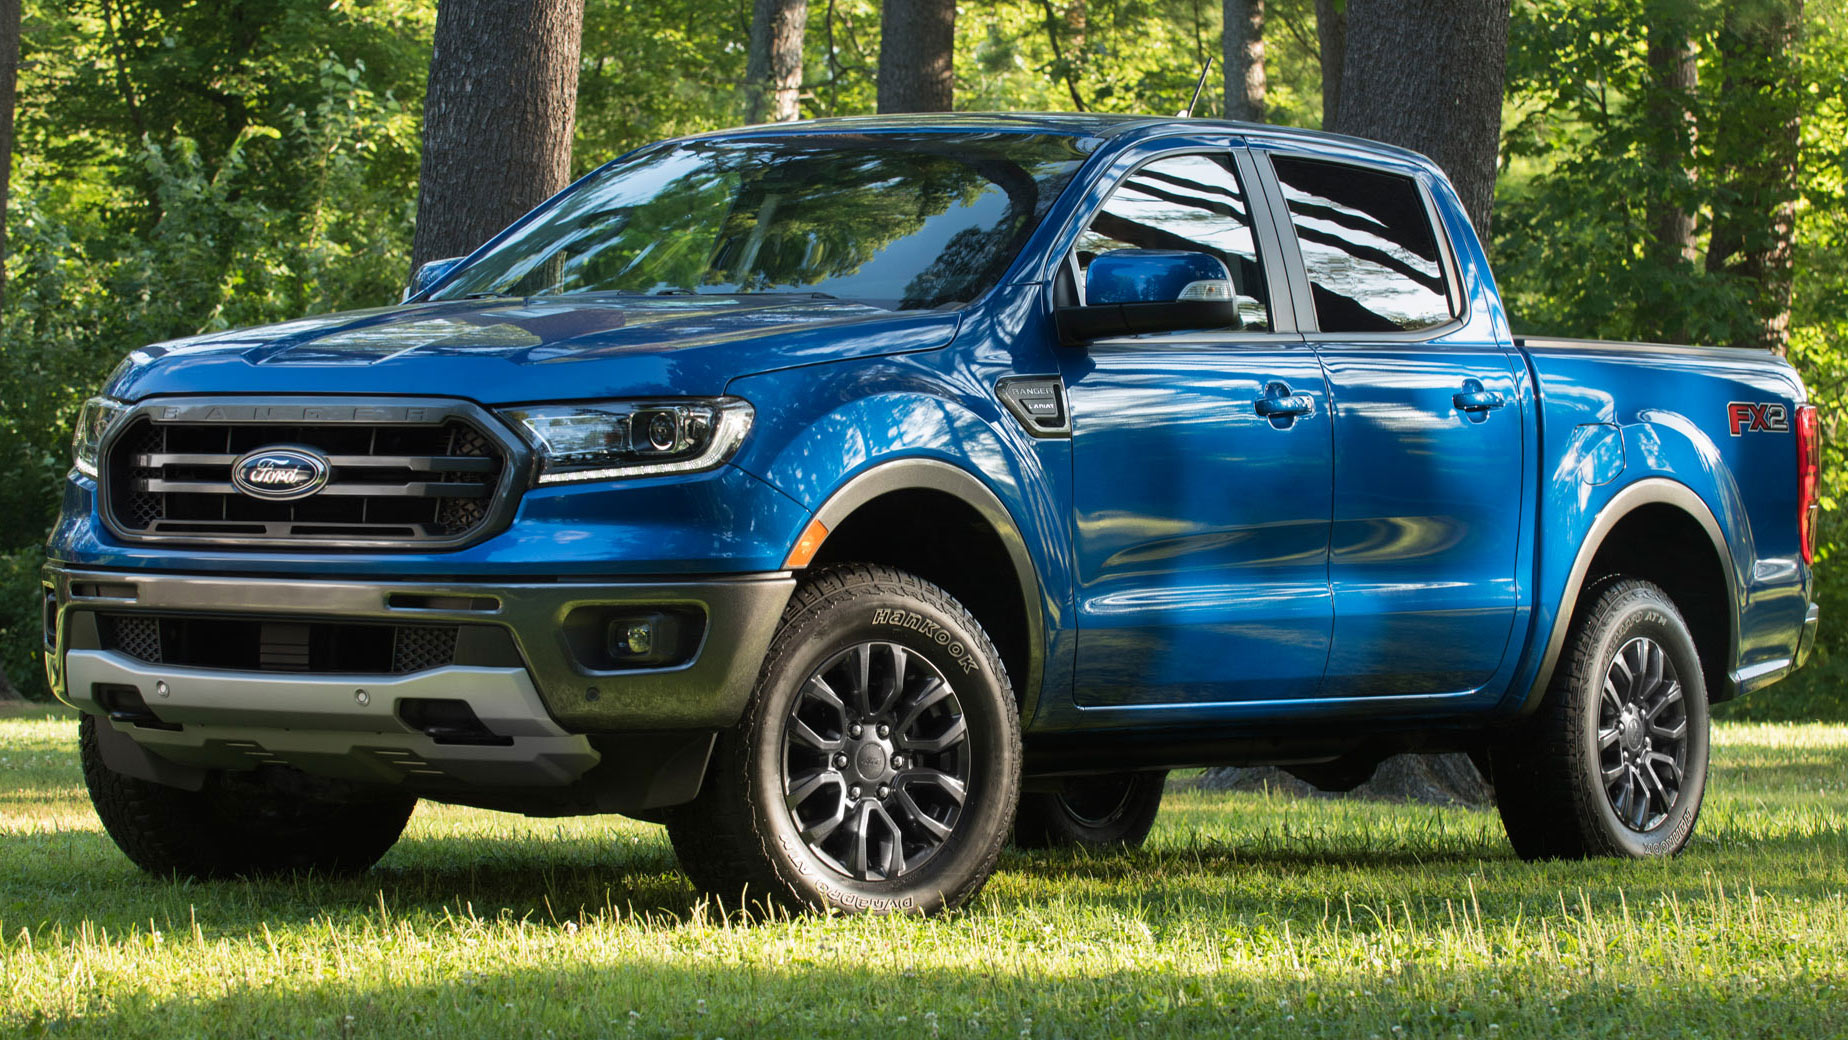 Ford Ranger được gia tăng sức mạnh, sẵn sàng nghênh chiến các đối thủ